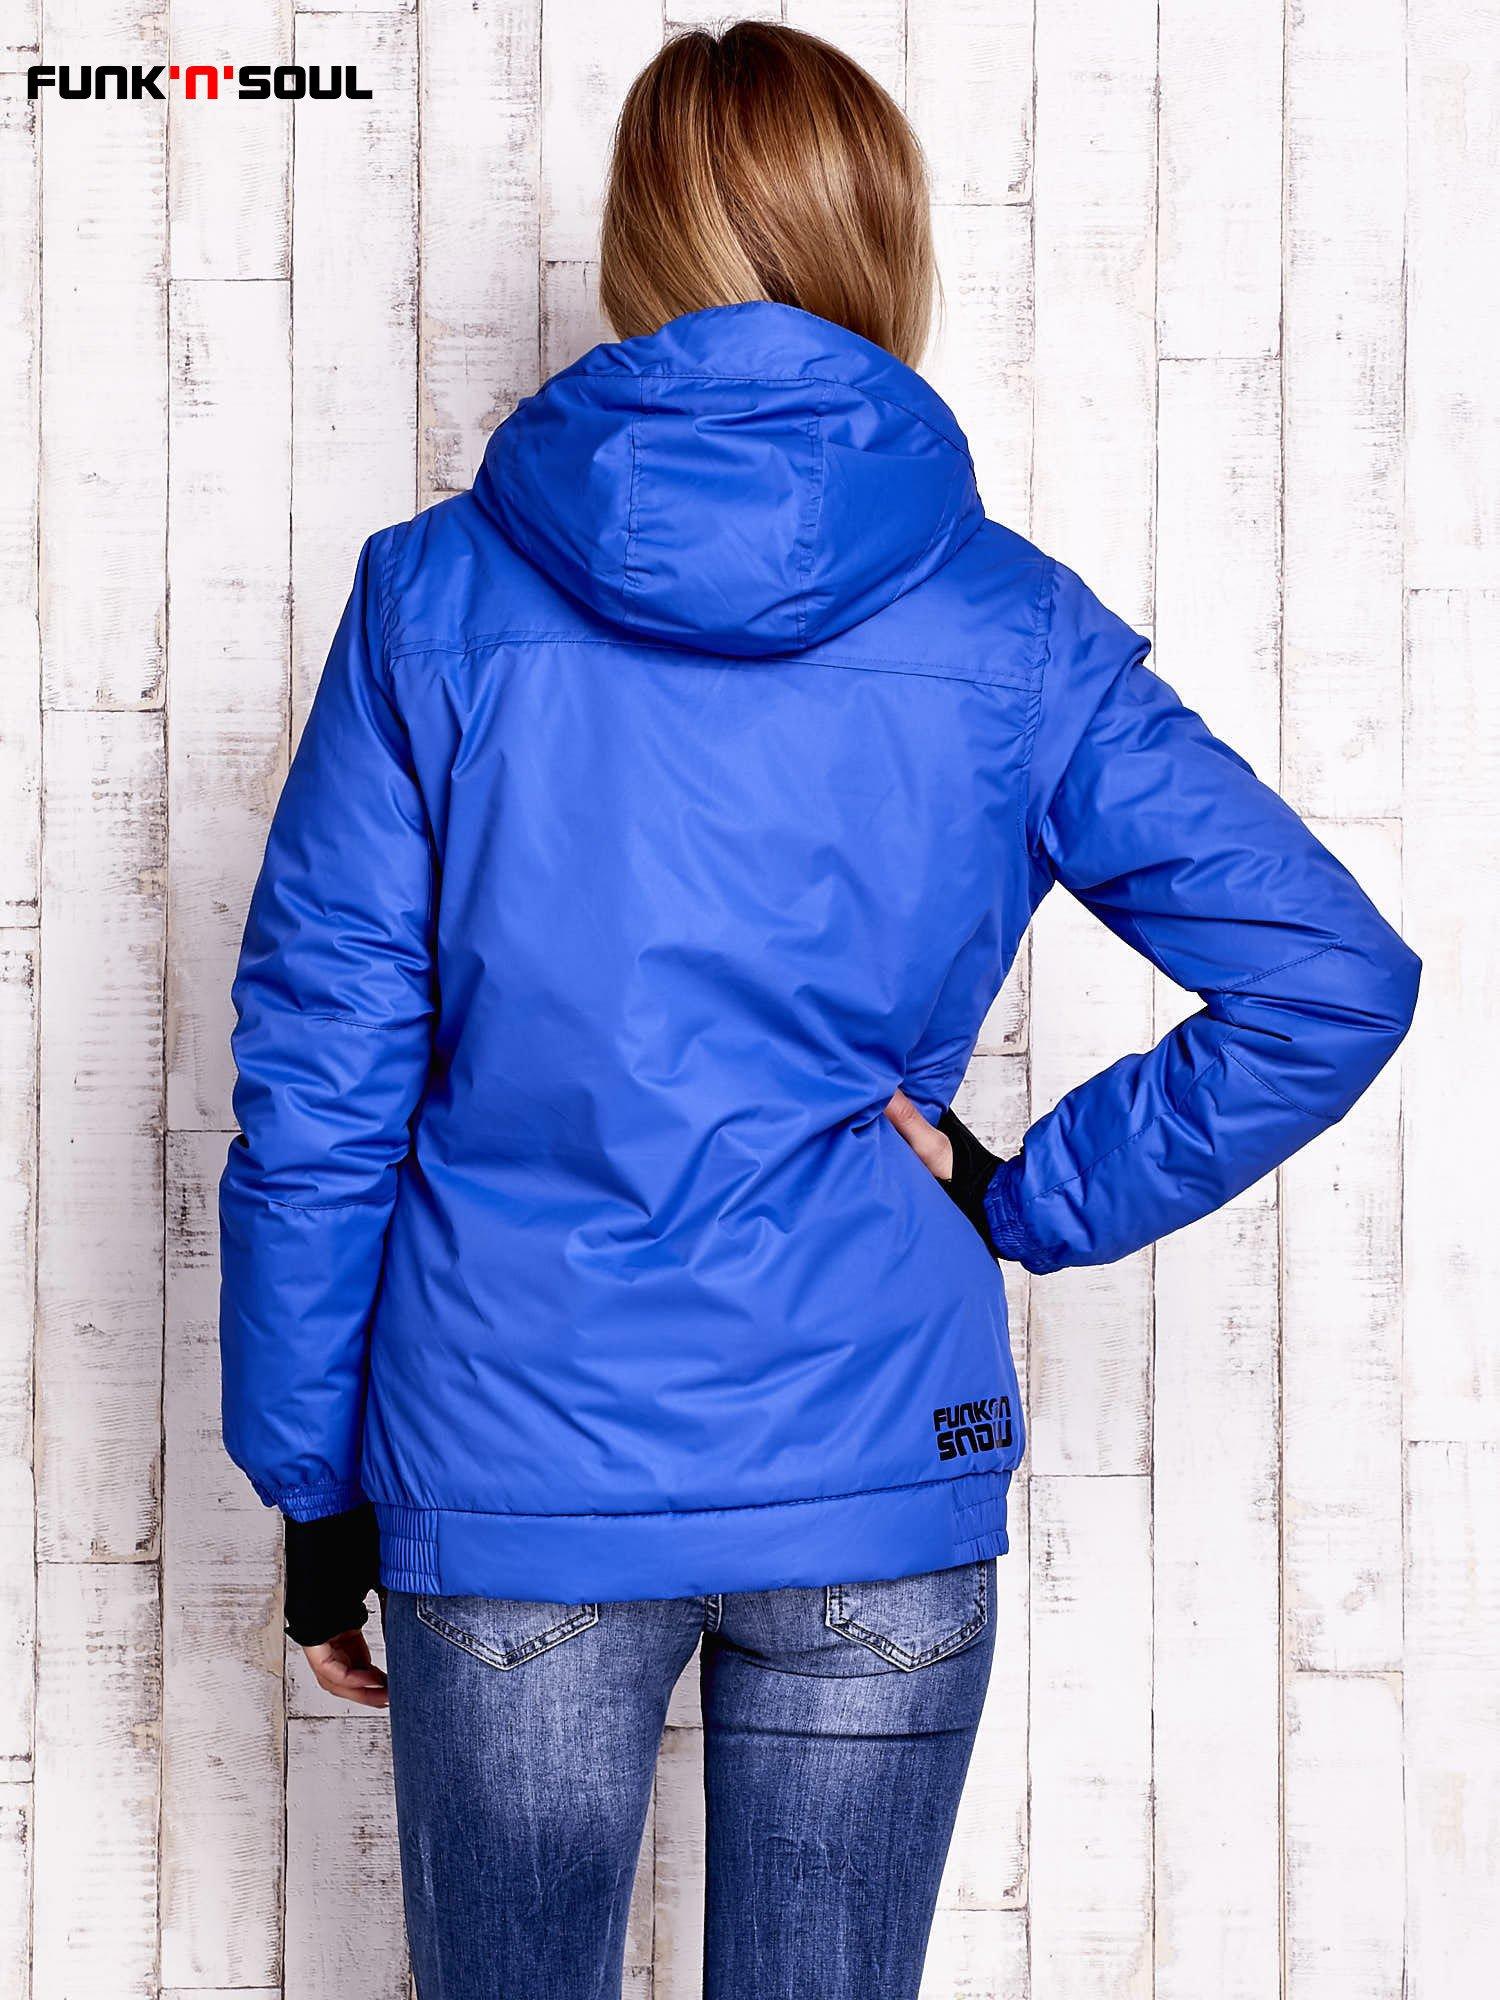 Niebieska ocieplana kurtka narciarska z kapturem FUNK N SOUL                                  zdj.                                  4